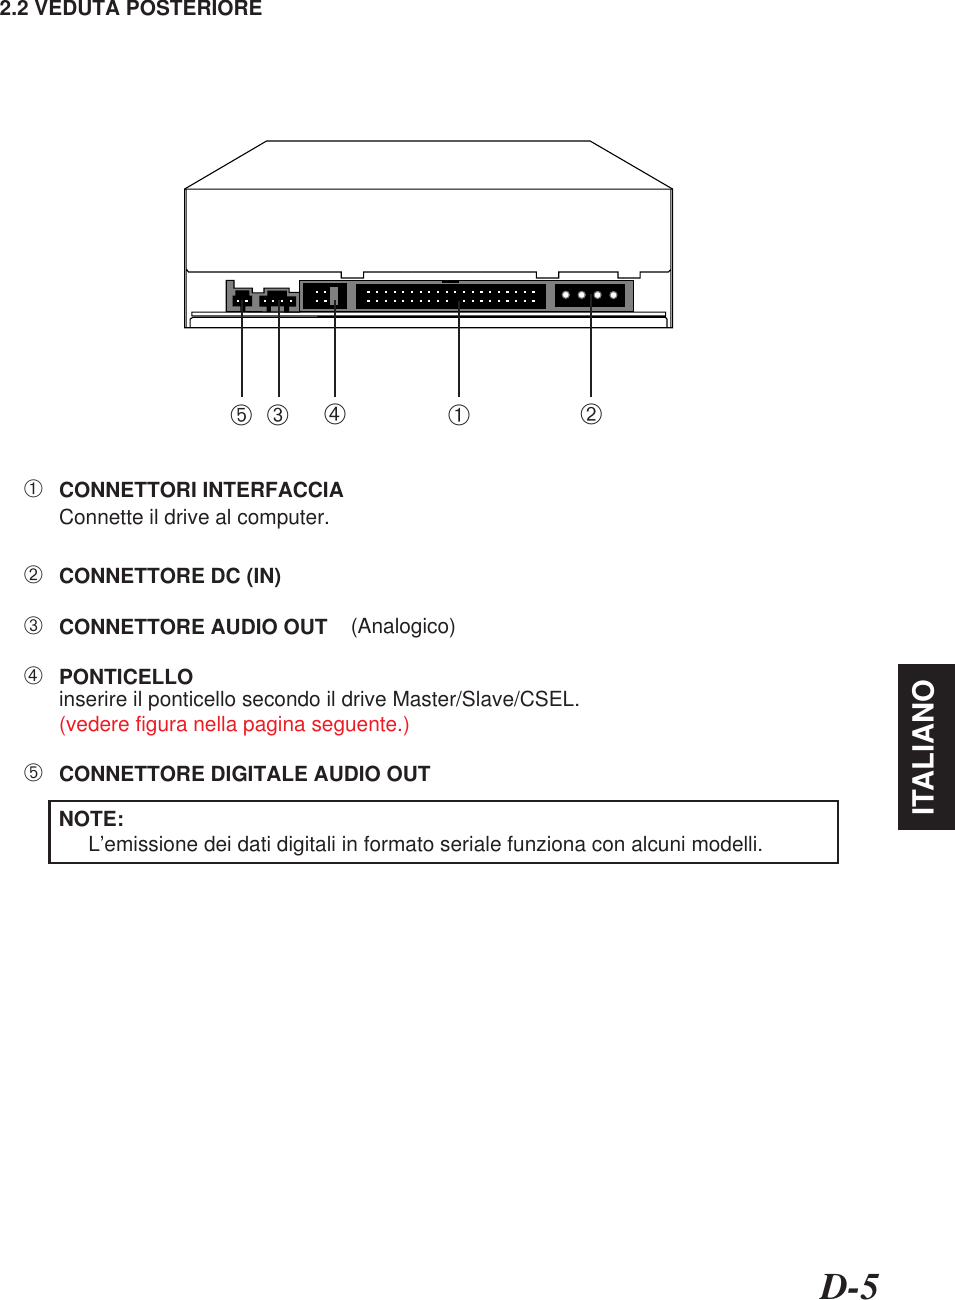 D-5ITALIANO2.2 VEDUTA POSTERIORE    ➀CONNETTORI INTERFACCIAConnette il drive al computer.    ➁CONNETTORE DC (IN)    ➂CONNETTORE AUDIO OUT    ➃PONTICELLOinserire il ponticello secondo il drive Master/Slave/CSEL.(vedere figura nella pagina seguente.)    ➄CONNETTORE DIGITALE AUDIO OUT     NOTE:L'emissione dei dati digitali in formato seriale funziona con alcuni modelli.➀➁➂➃➄(Analogico)